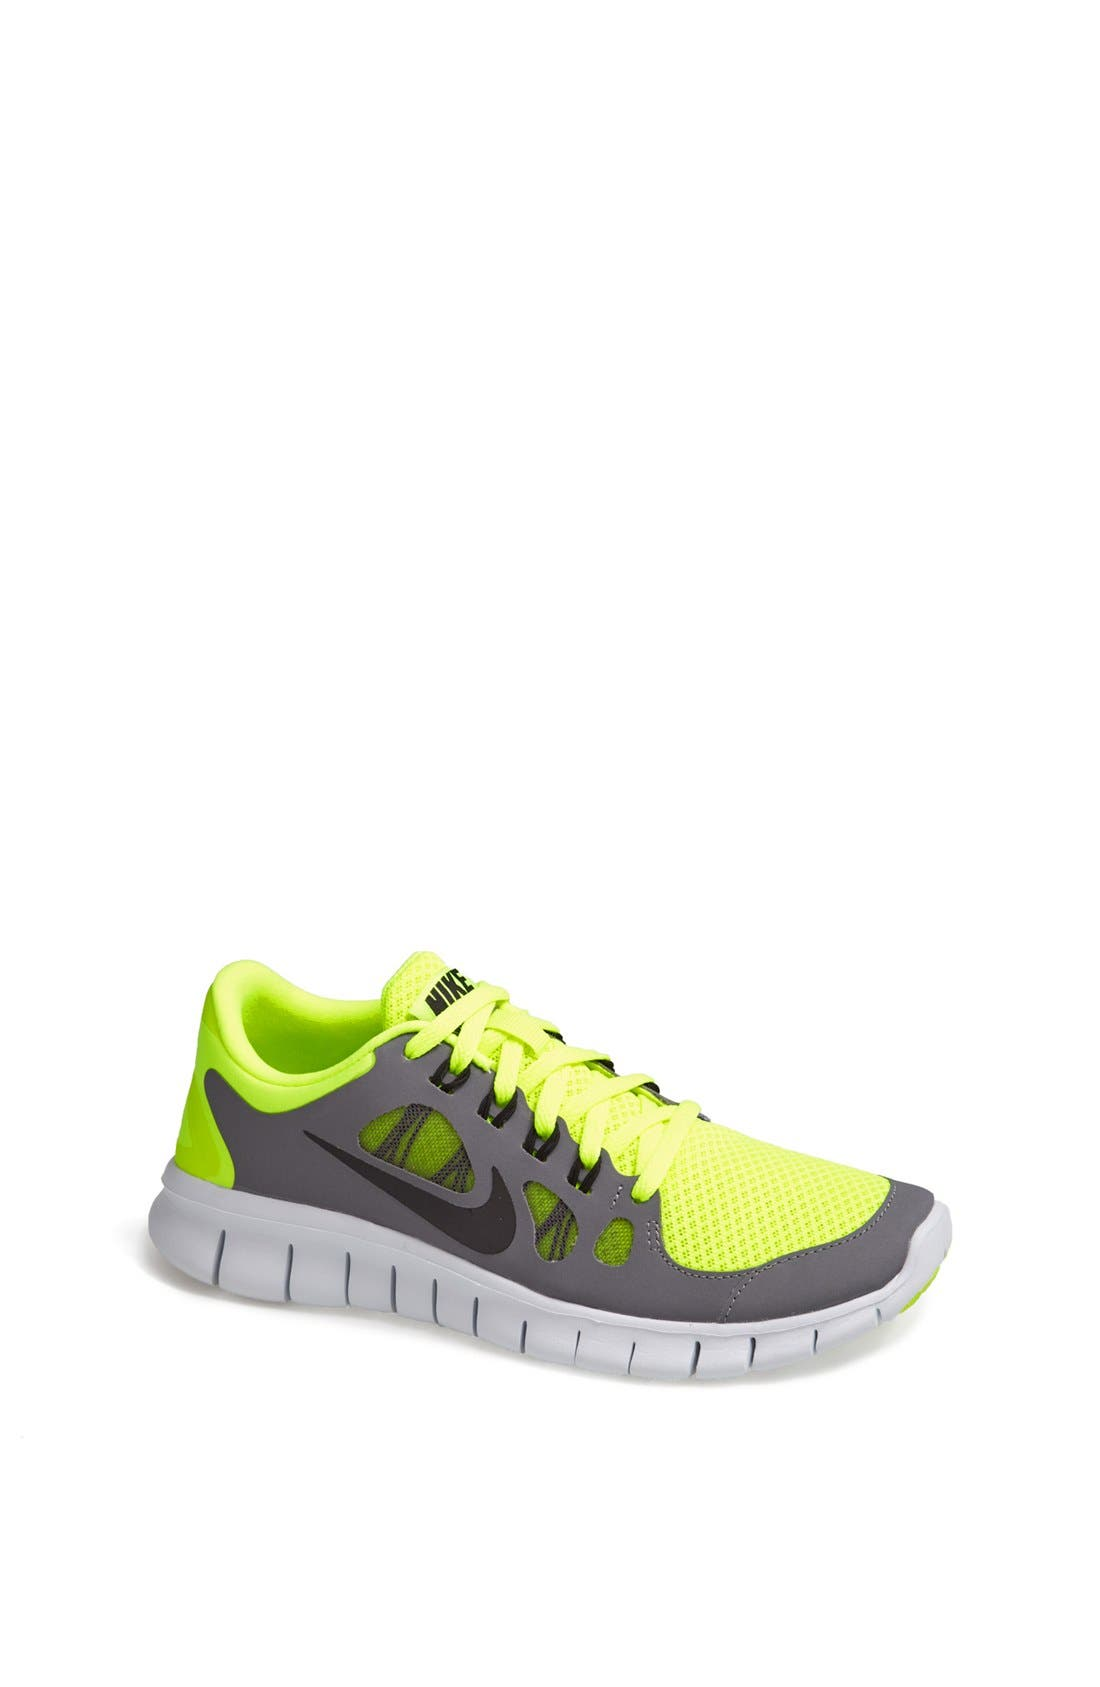 Alternate Image 1 Selected - Nike 'Free Run 5.0' Running Shoe (Big Kid)